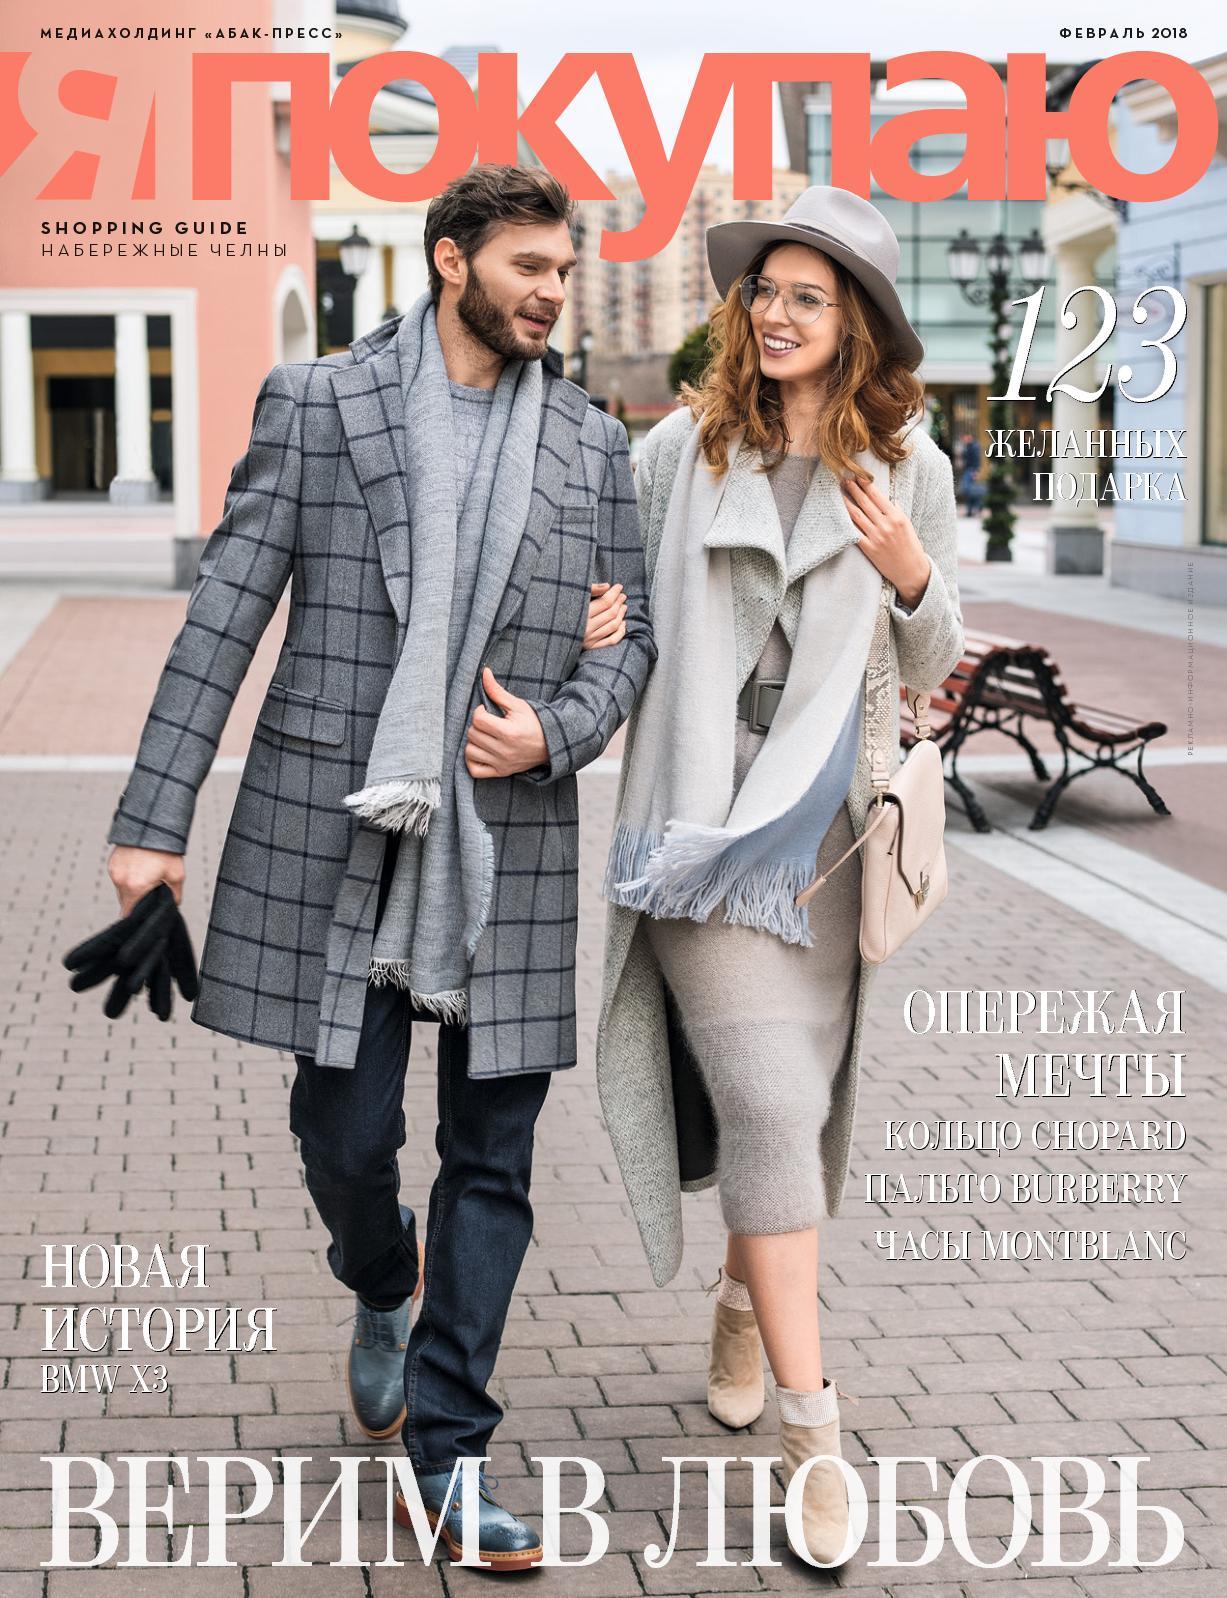 ТРК Проспект вдохновляет на шоппинг с любовью